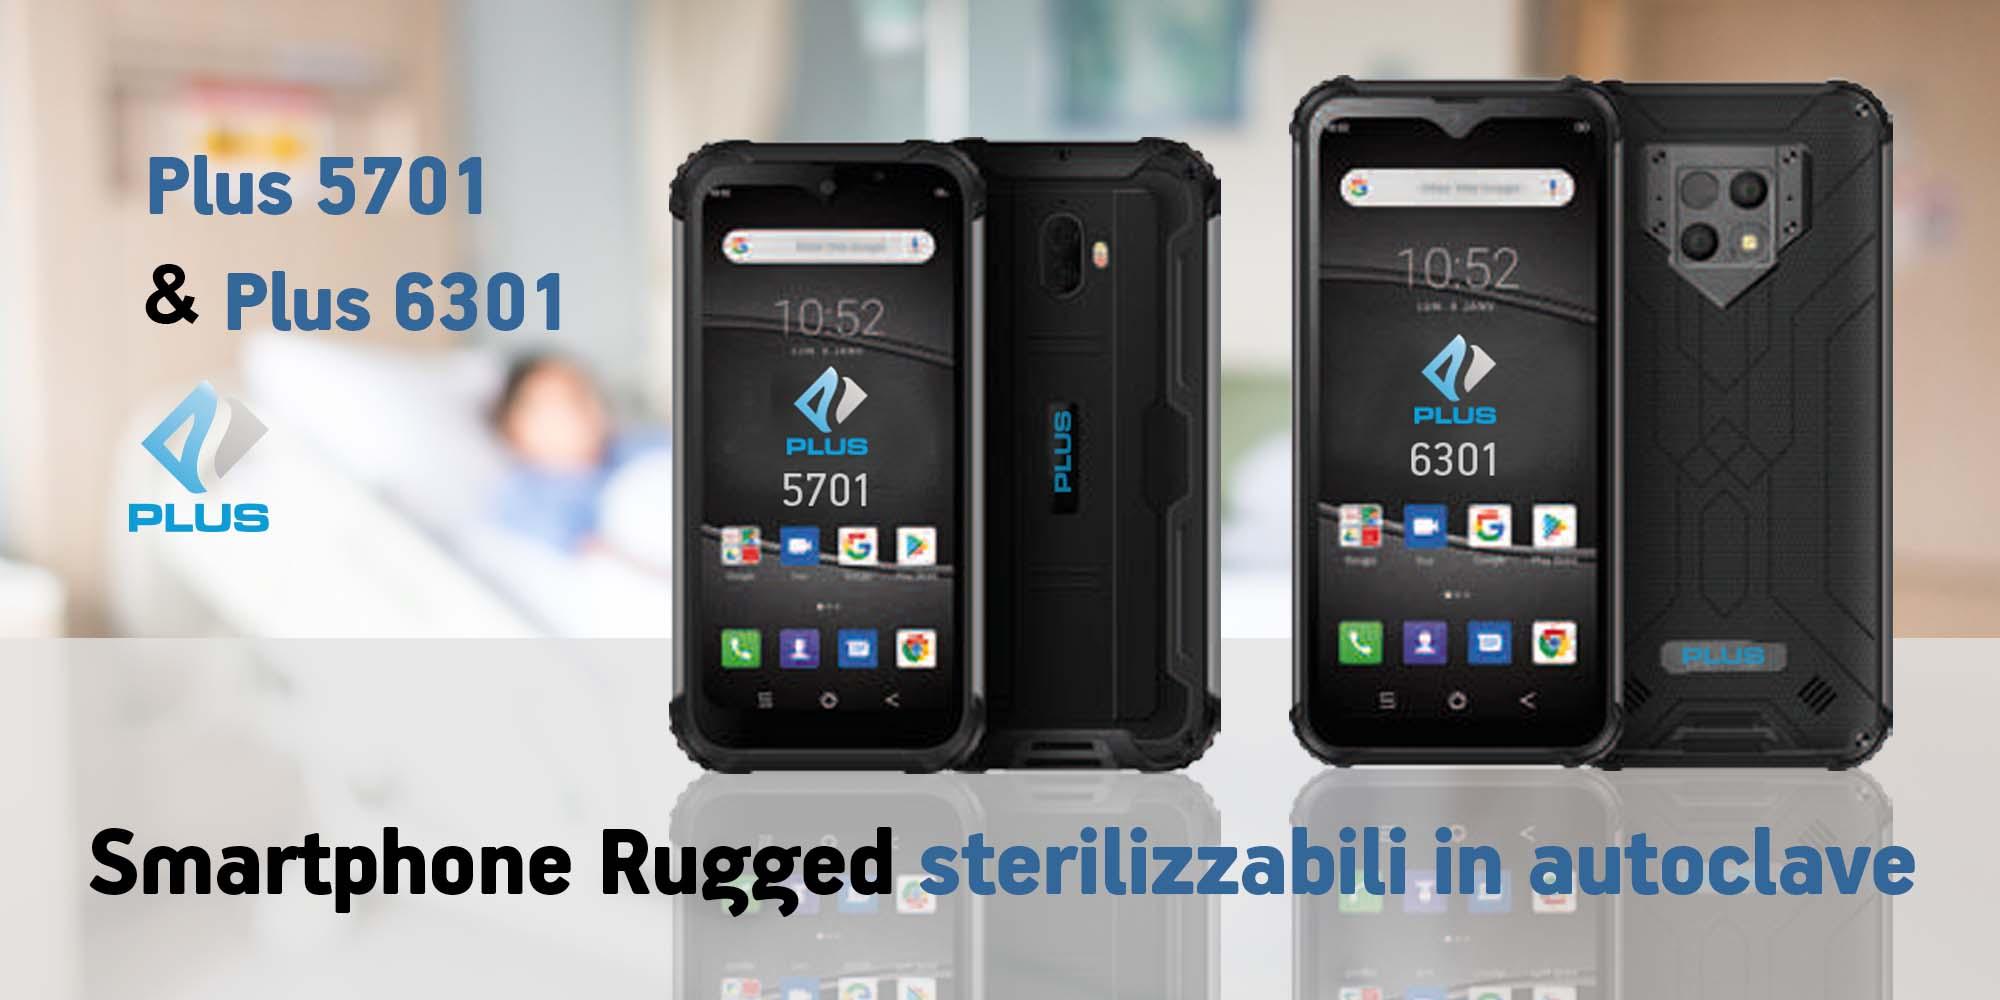 Rugged Smartphone sterilizzabili in autoclave